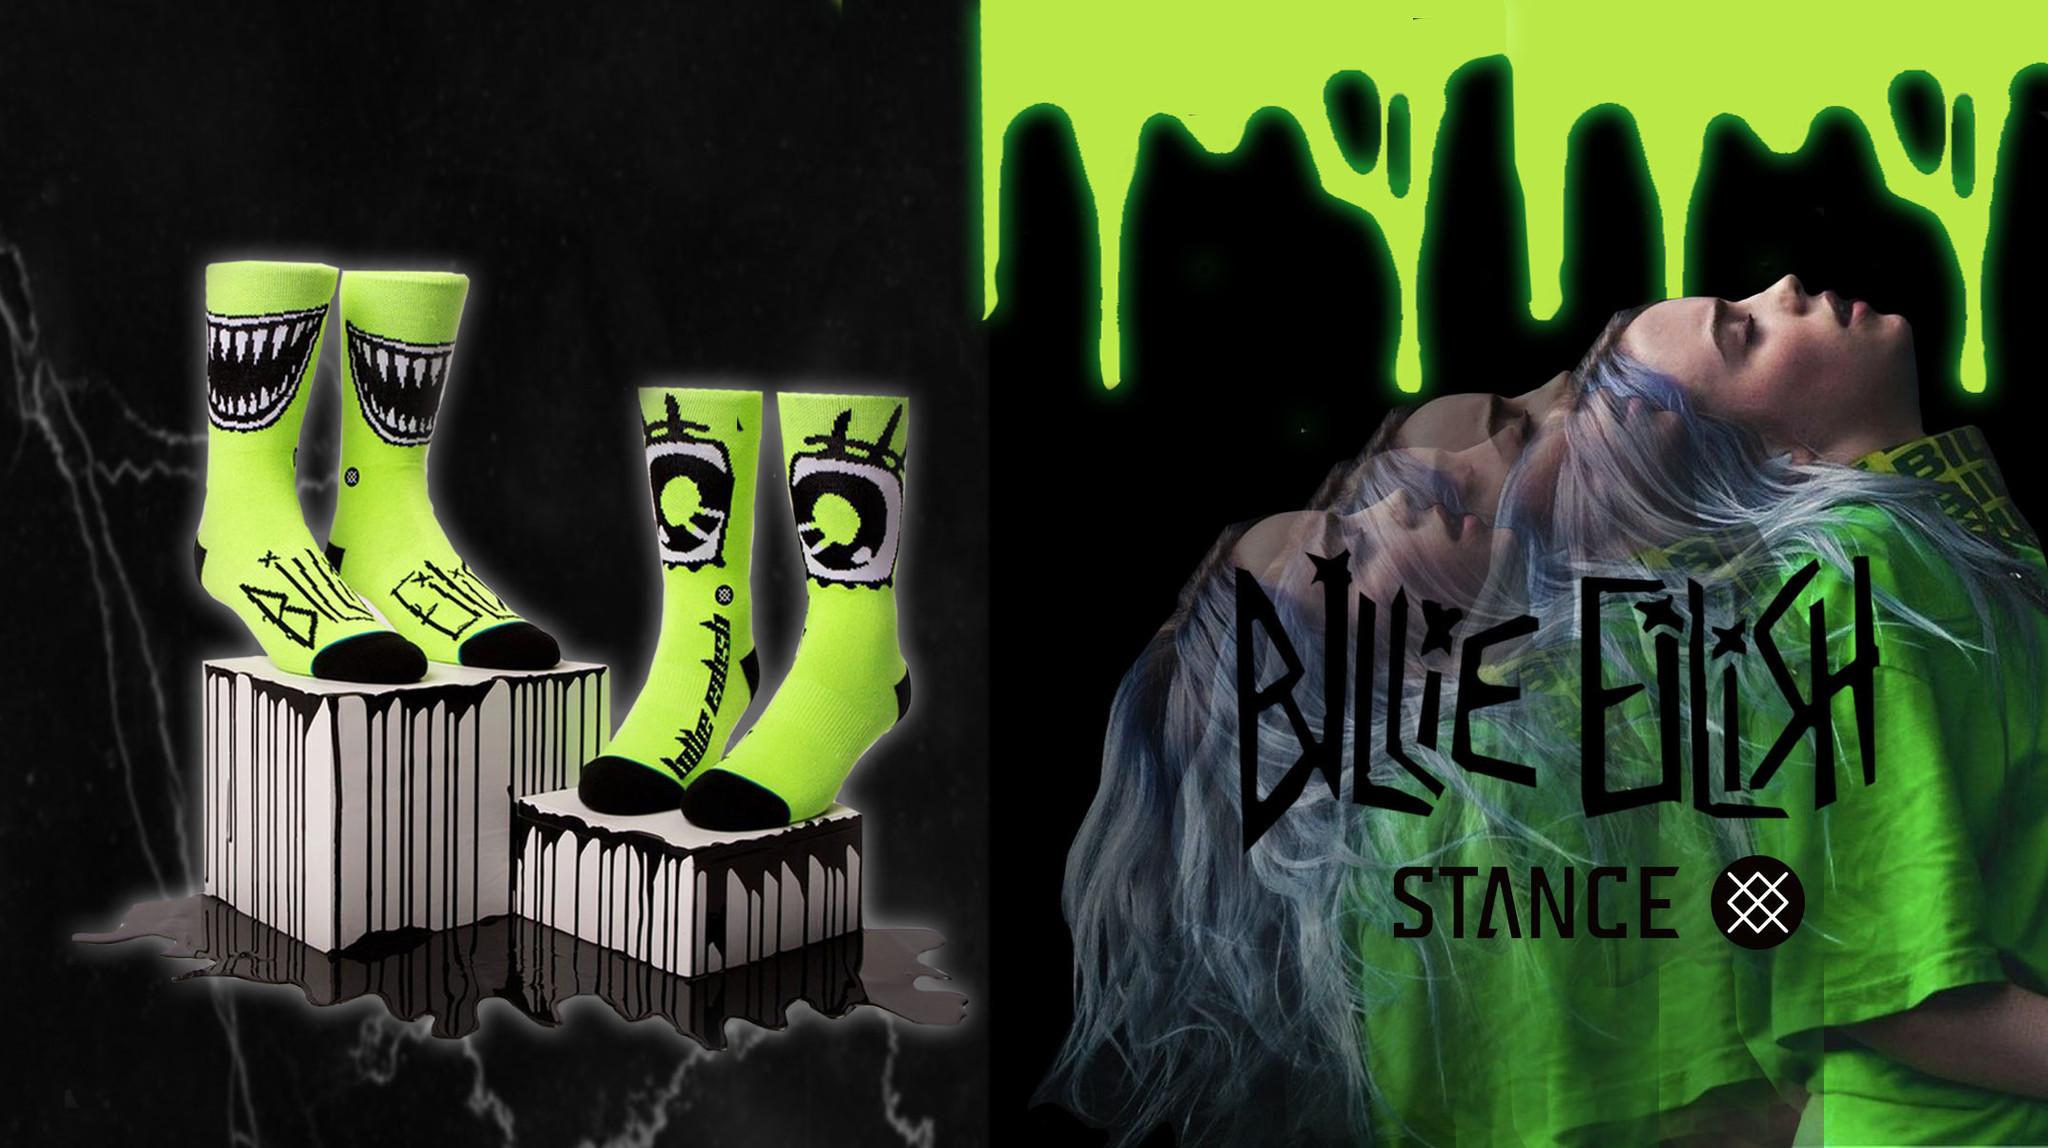 Billie Eilish x Stance collab